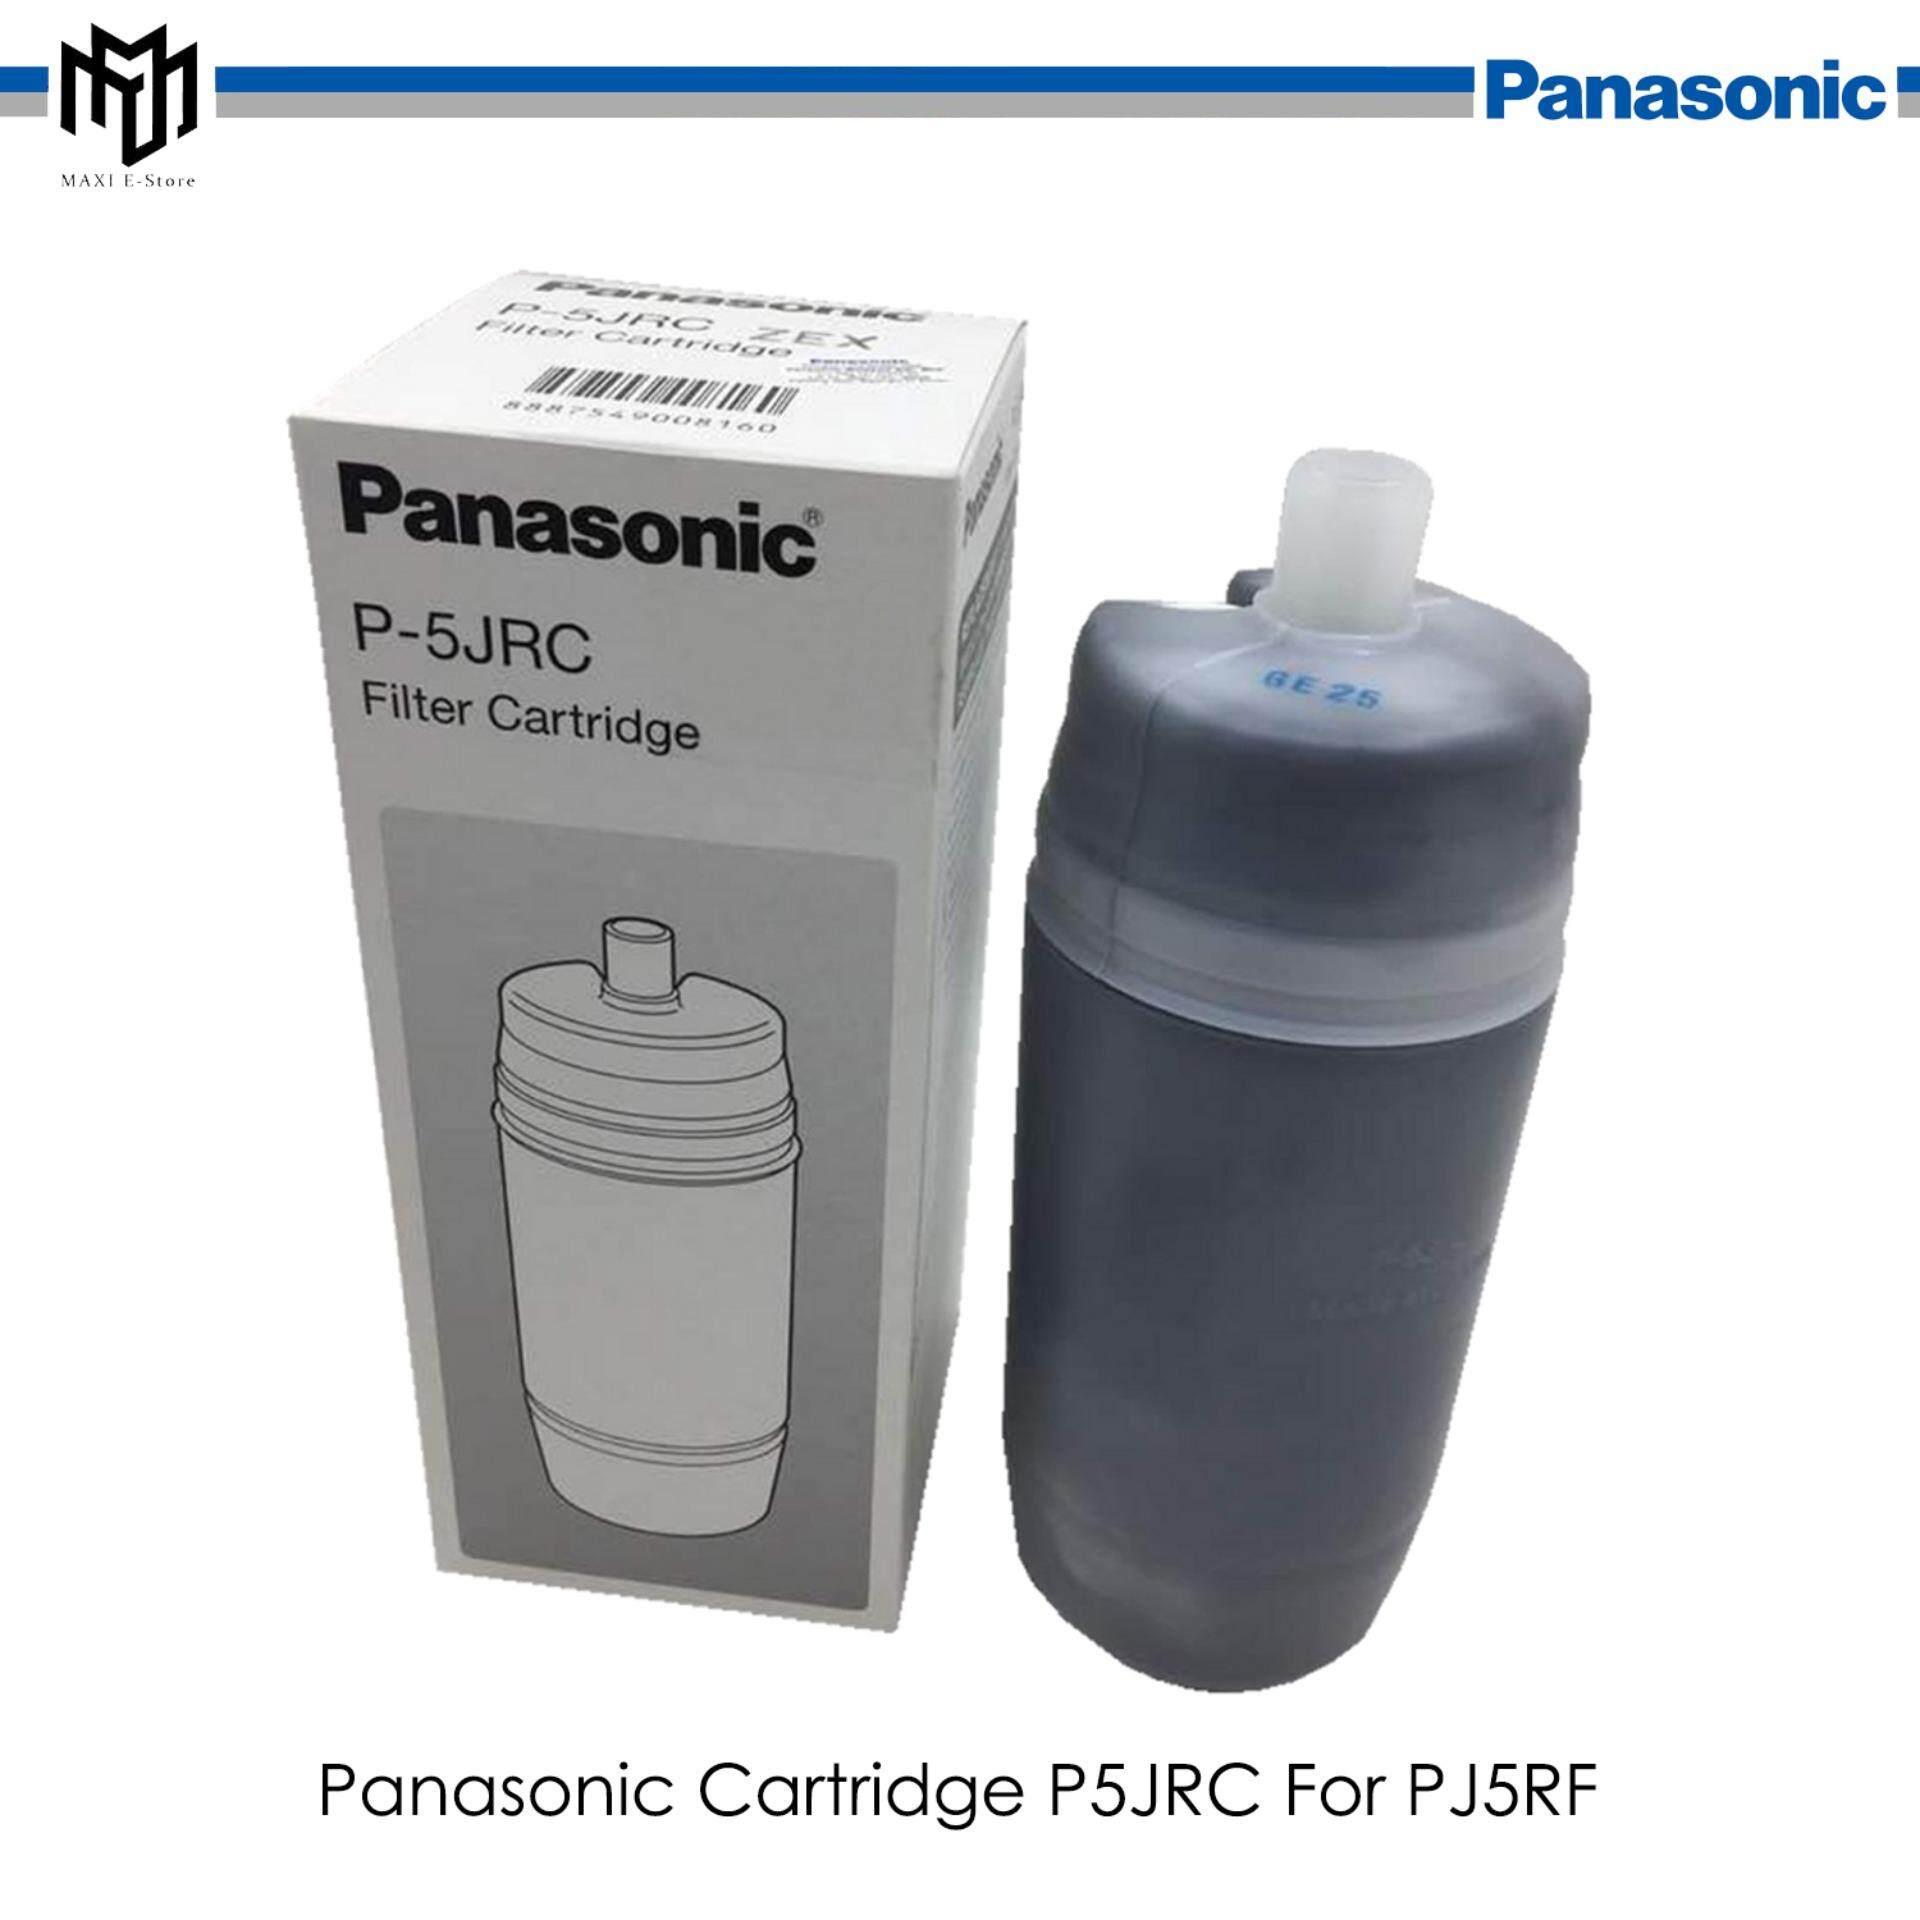 Panasonic Cartridge P5jrc For Pj5rf By Maxi E-Store.